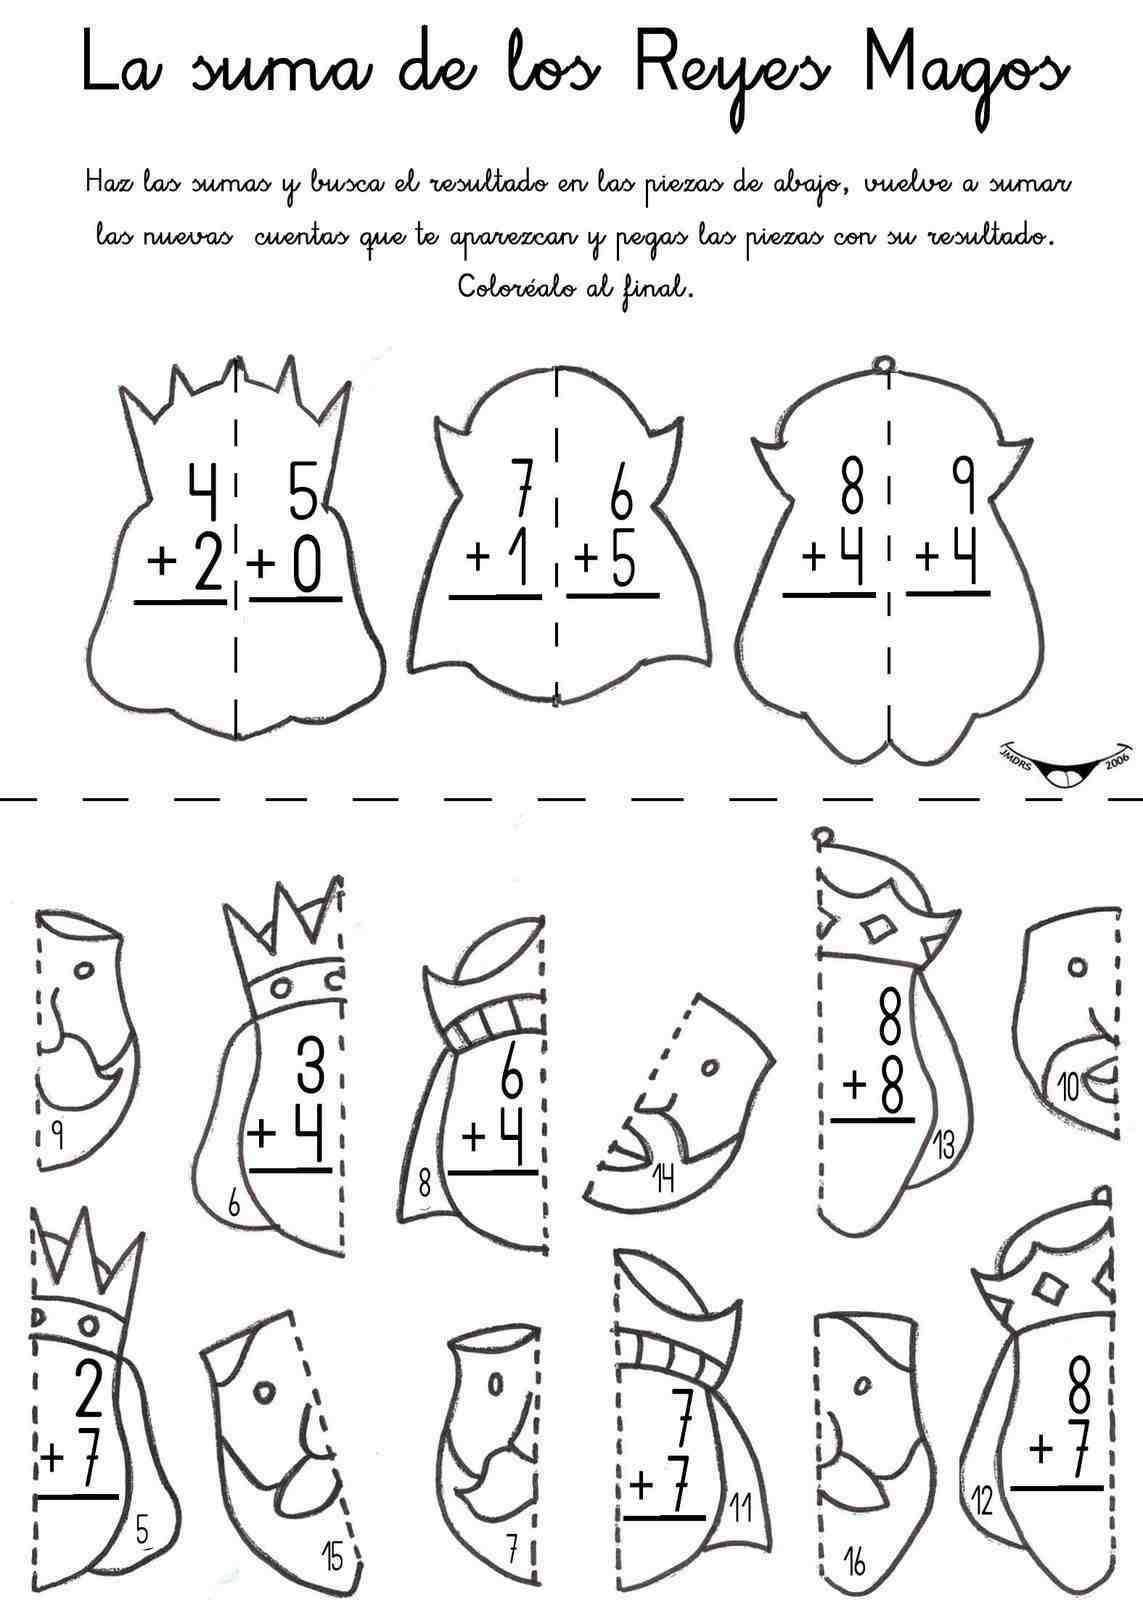 actividades para nios preescolar primaria e inicial fichas con sumas divertidas para imprimir para